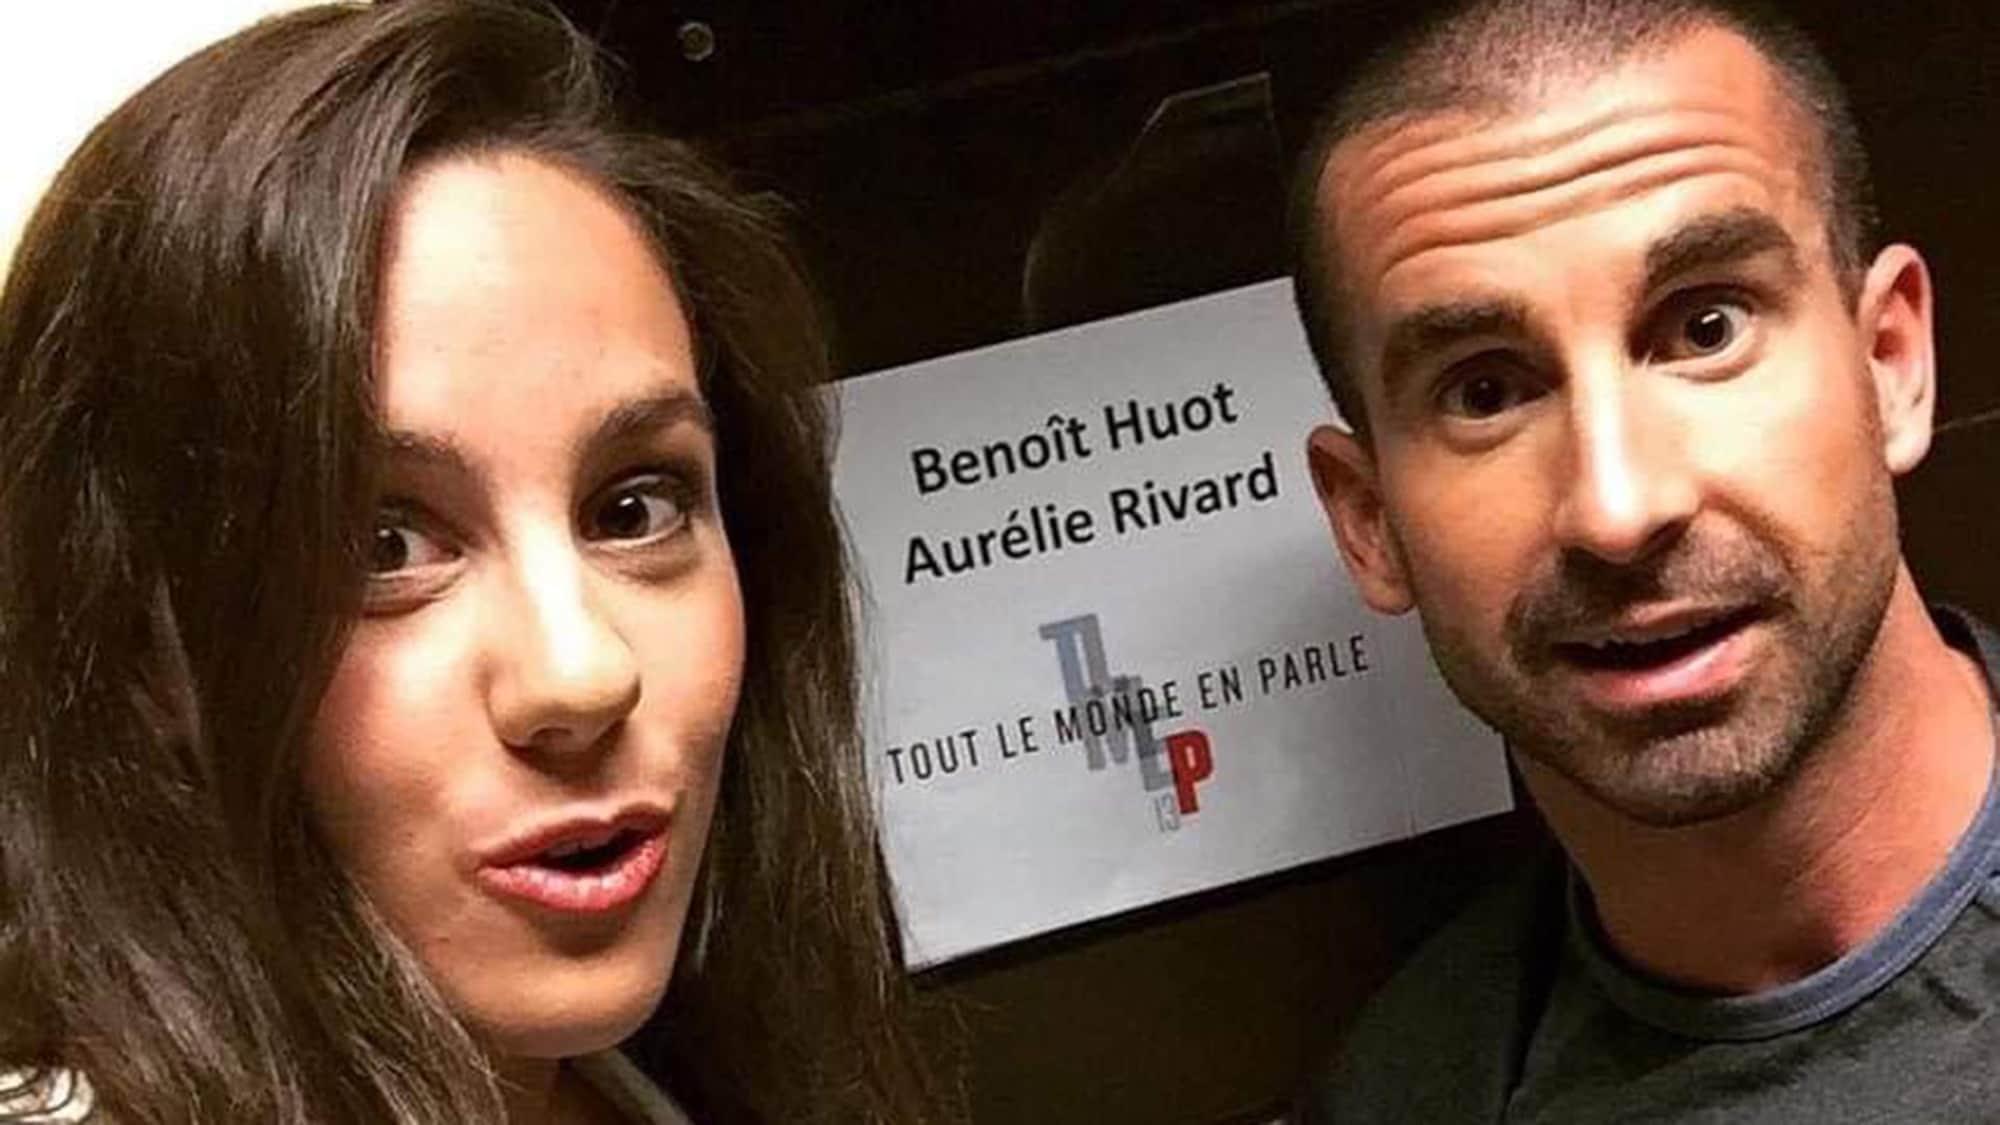 Benoît Huot et Aurélie Rivard regardent la caméra devant une affiche de l'émission «Tout le monde en parle».